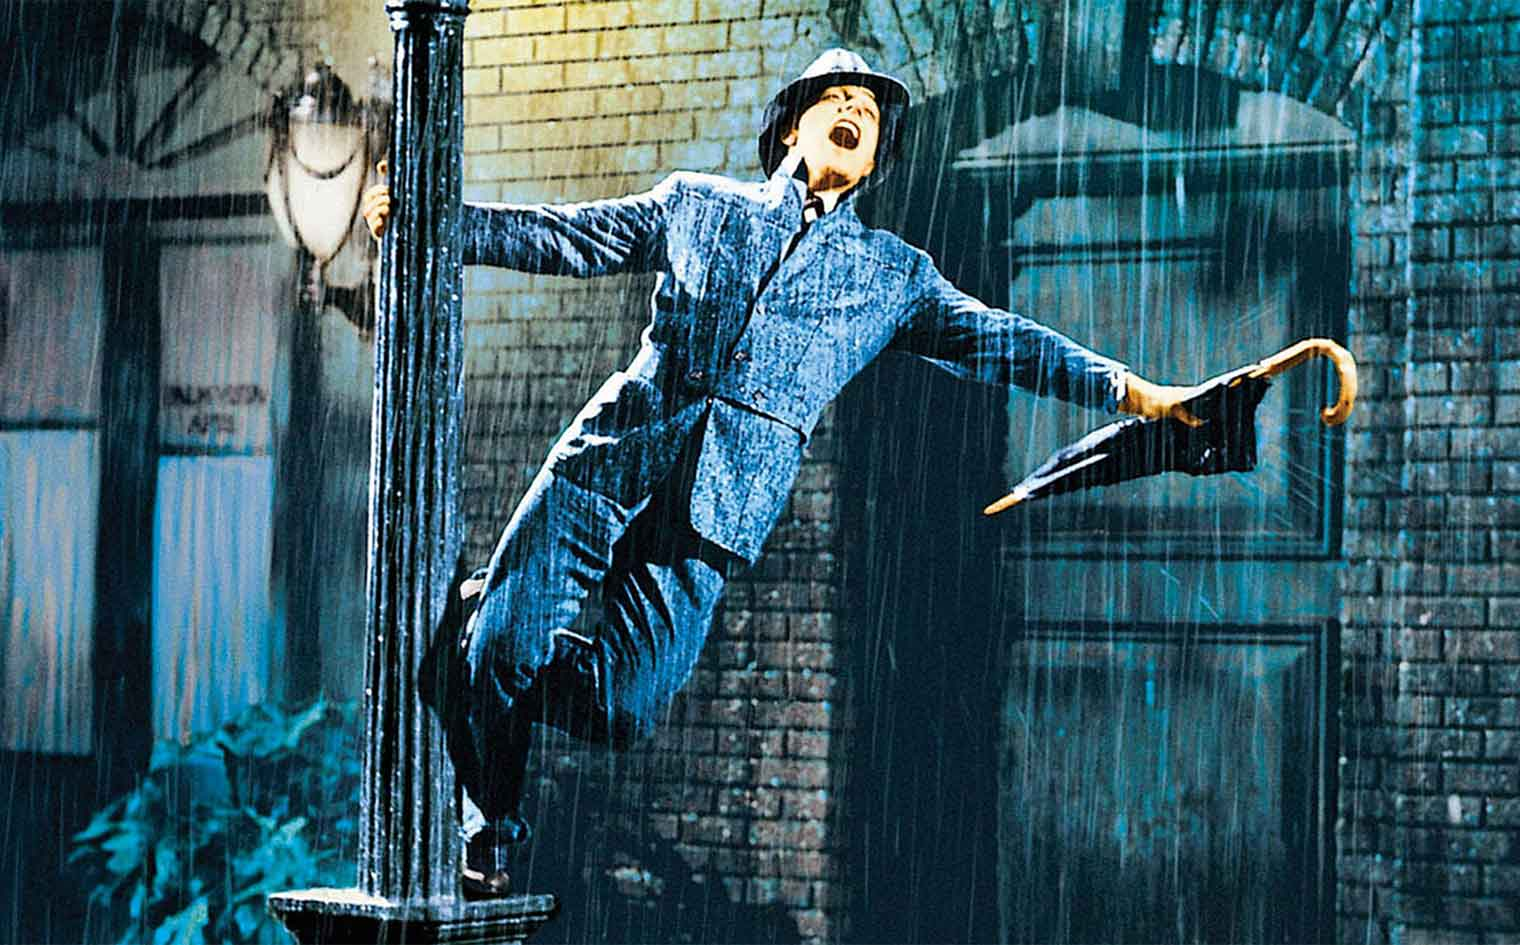 SINGIN' IN THE RAIN & THE BAND WAGON